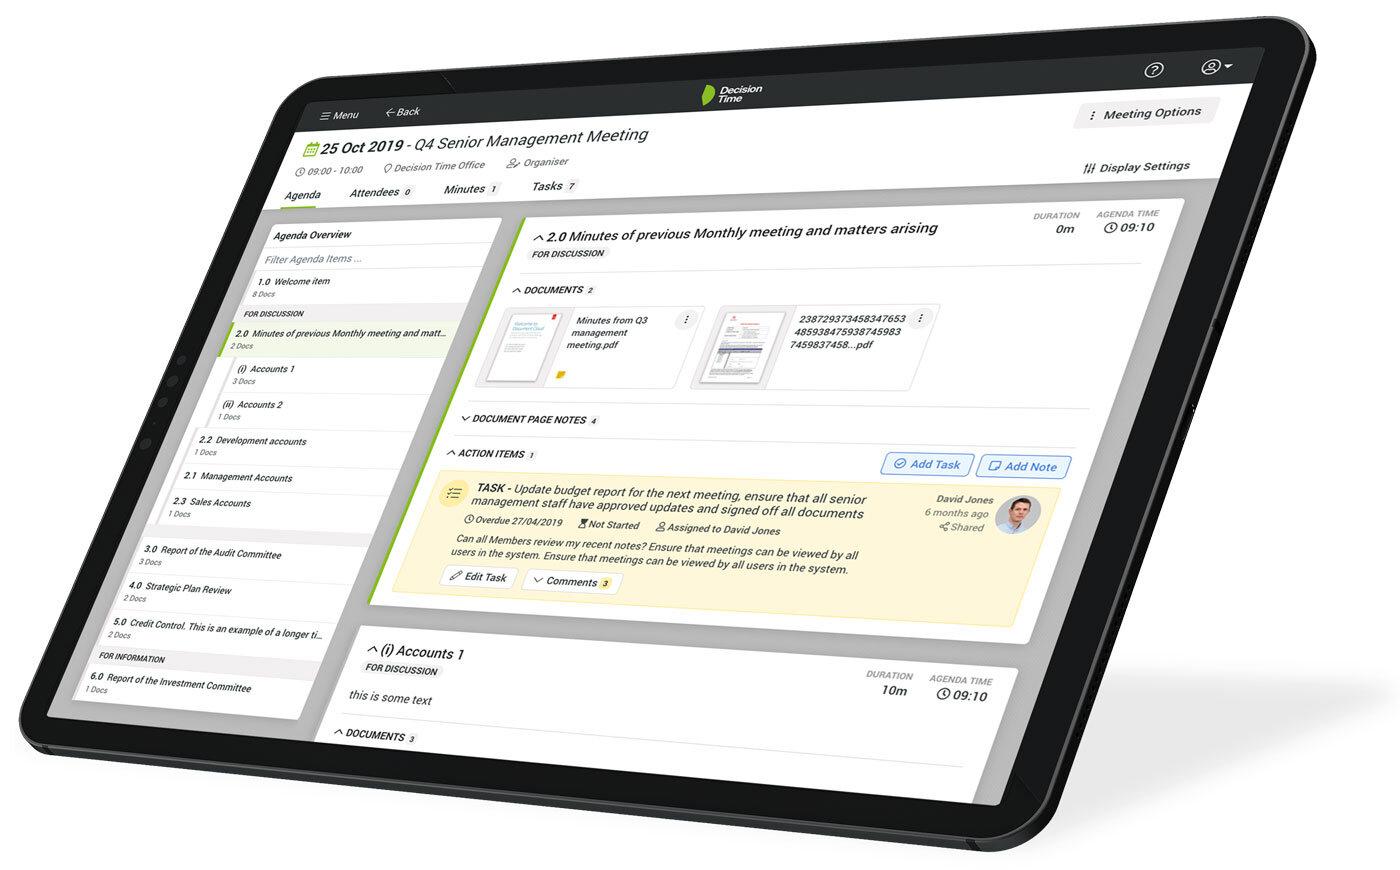 iPad-meeting-view.jpg